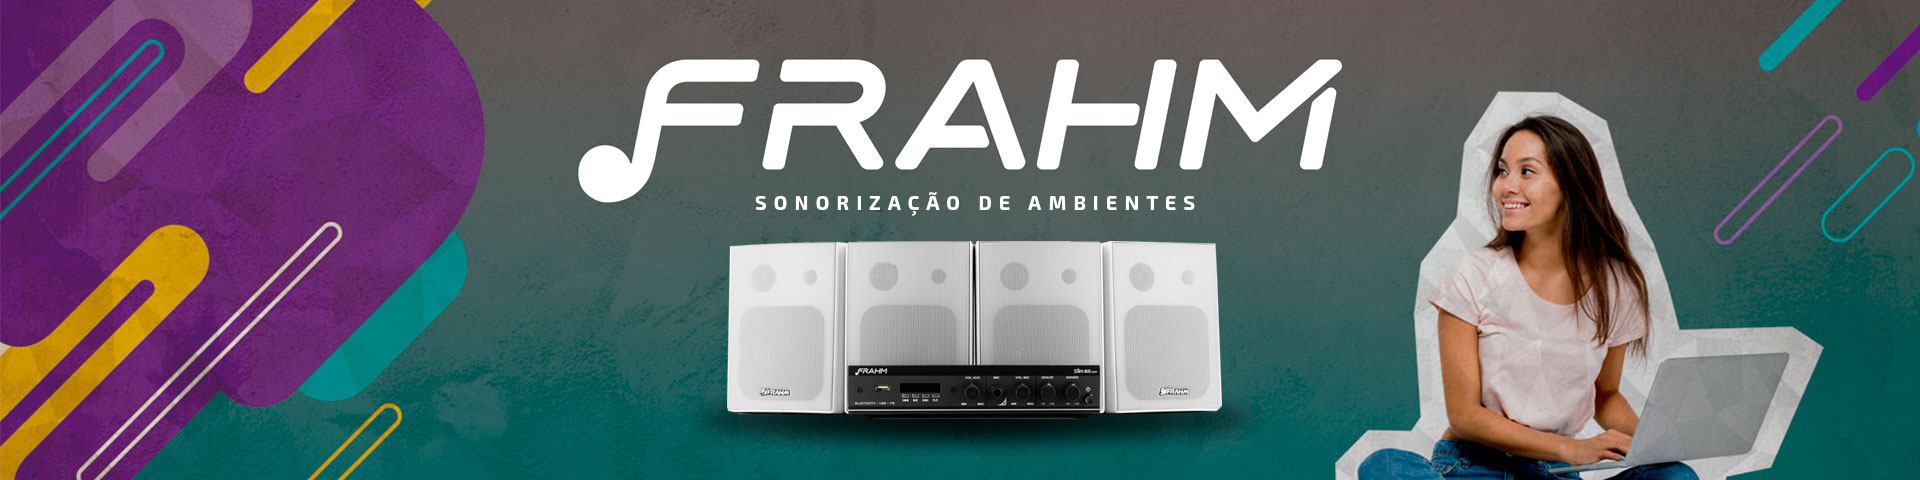 3. META - Sonorização de Ambientes Frahm